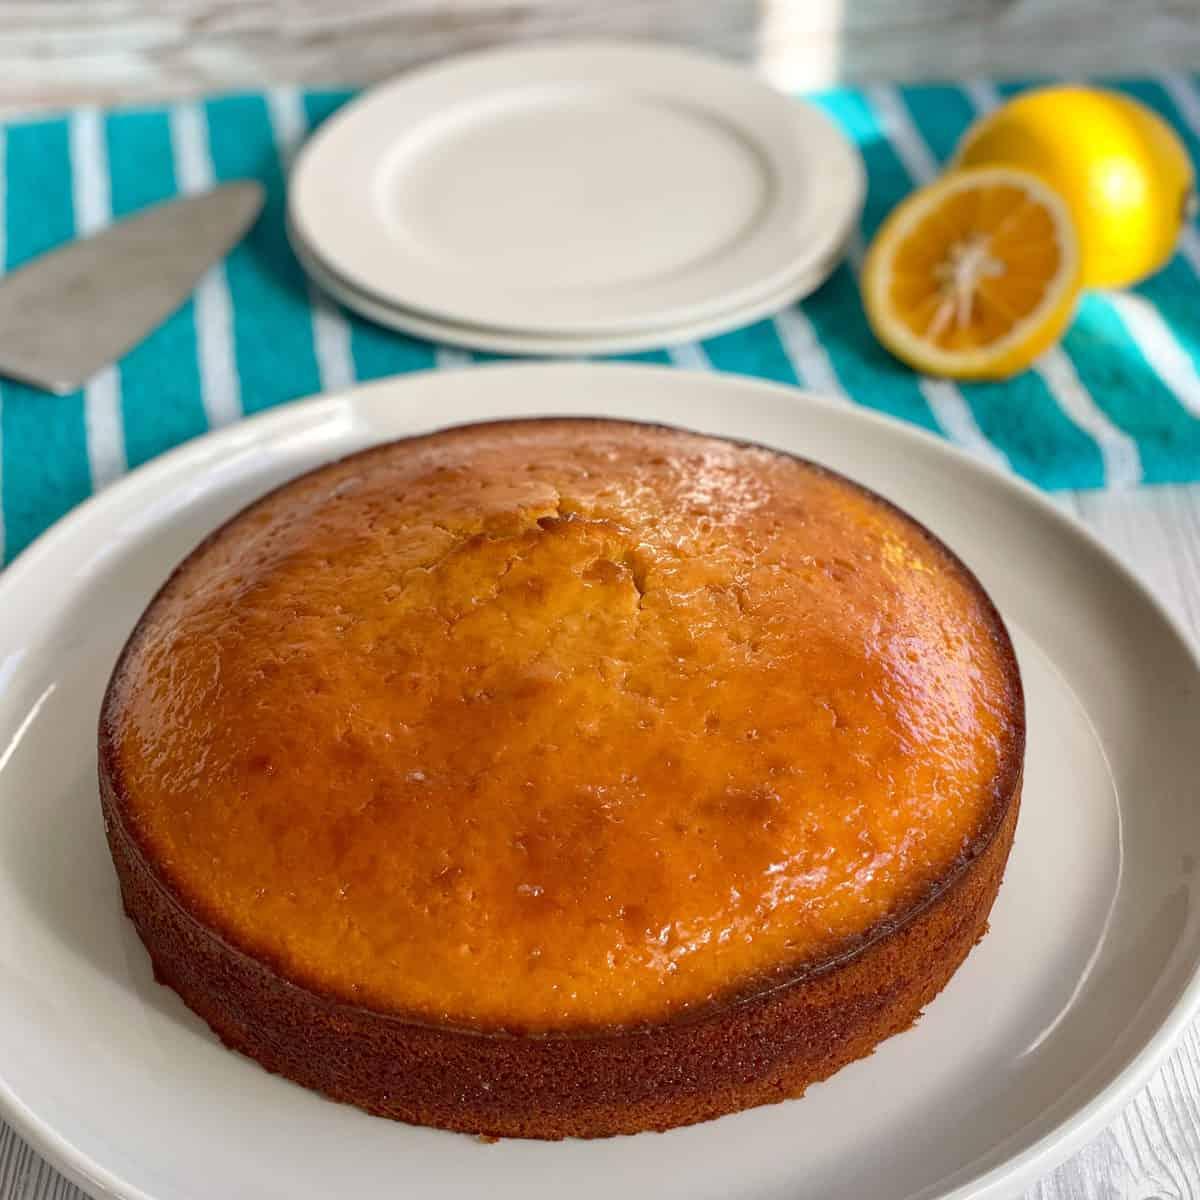 Finished lemon syrup cake